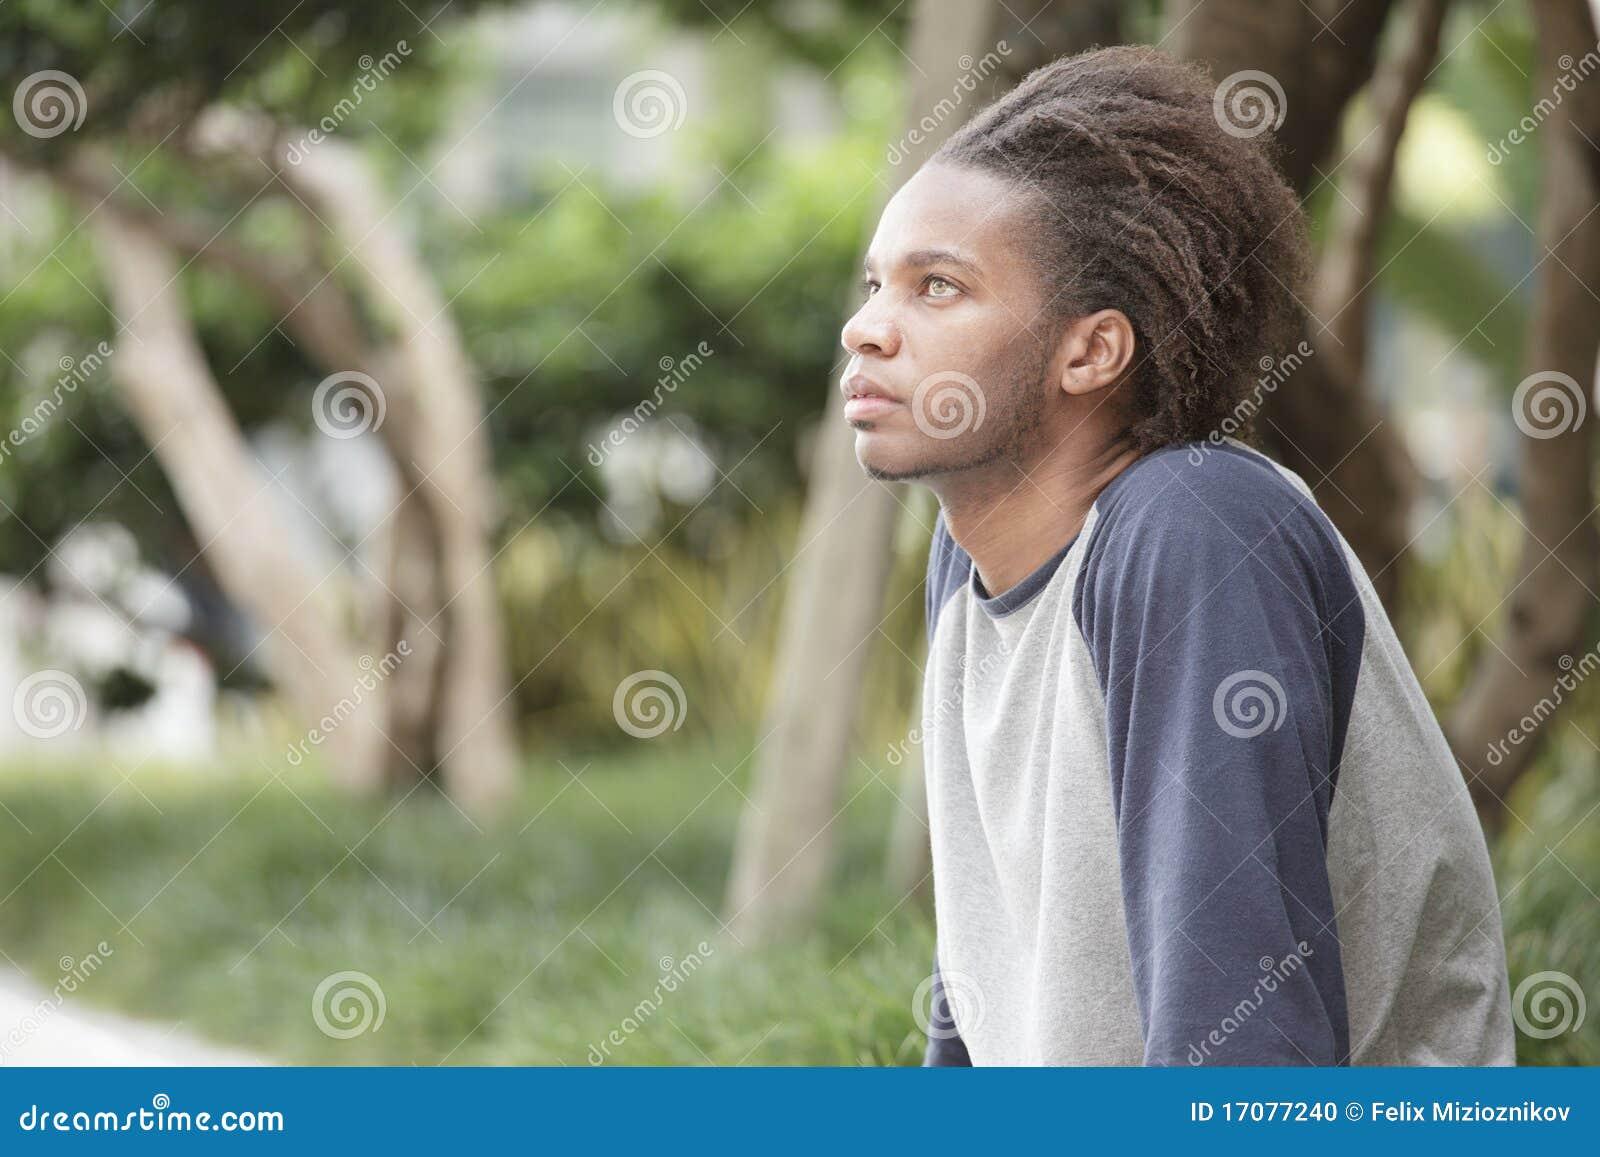 Schwarzer Mann im Park